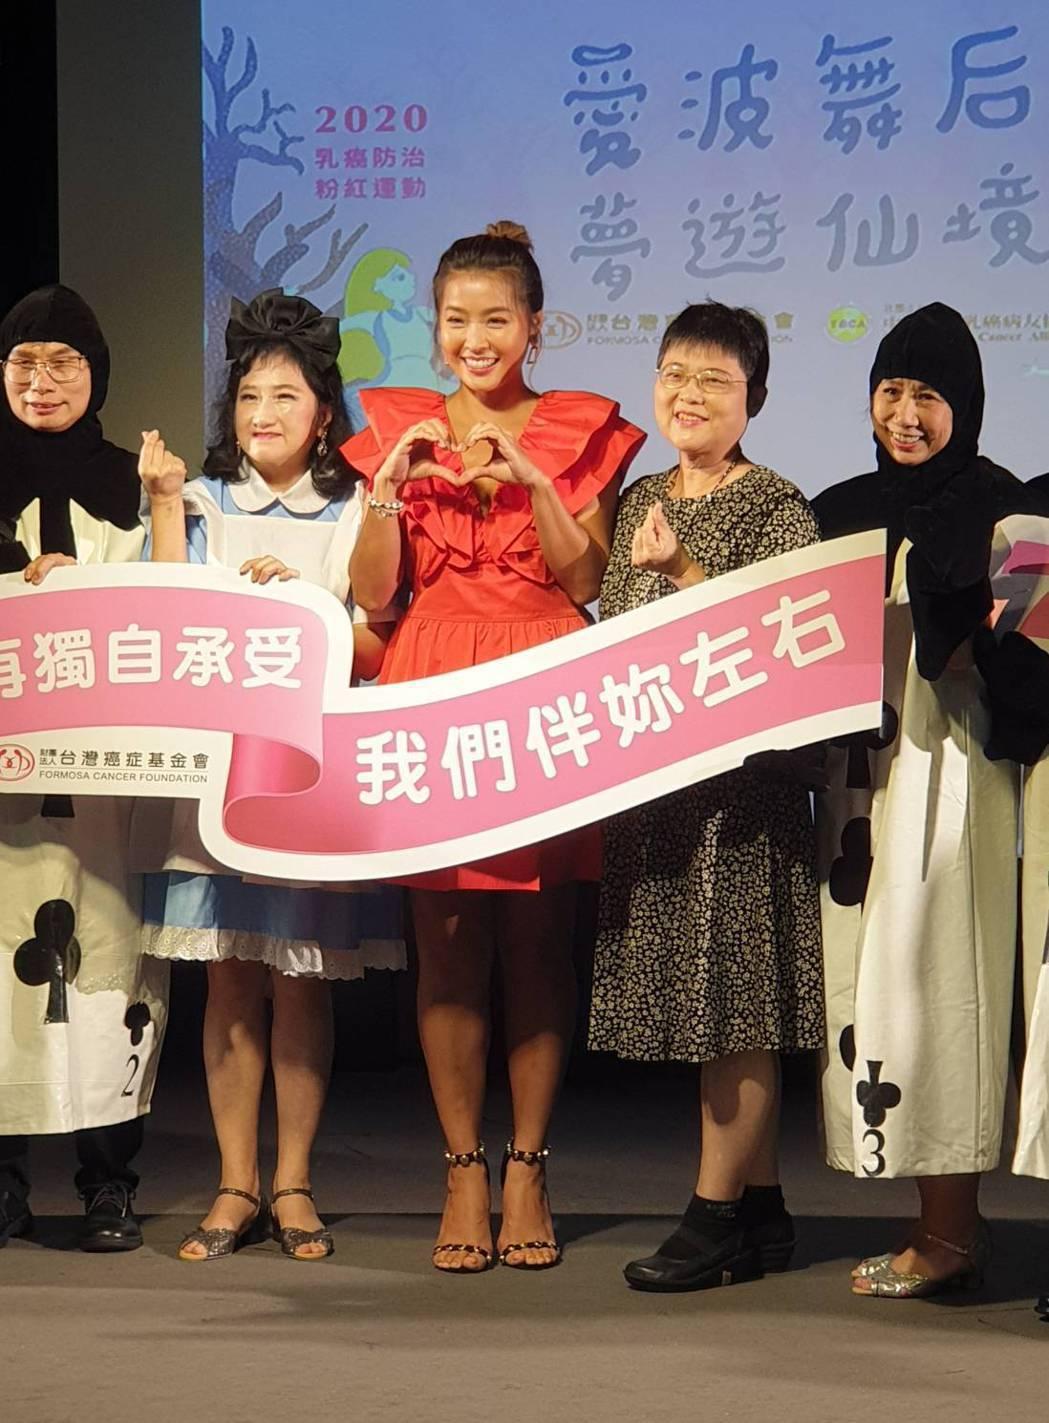 小嫻以評審身分鼓勵乳癌患者舞出自信。記者李姿瑩/攝影